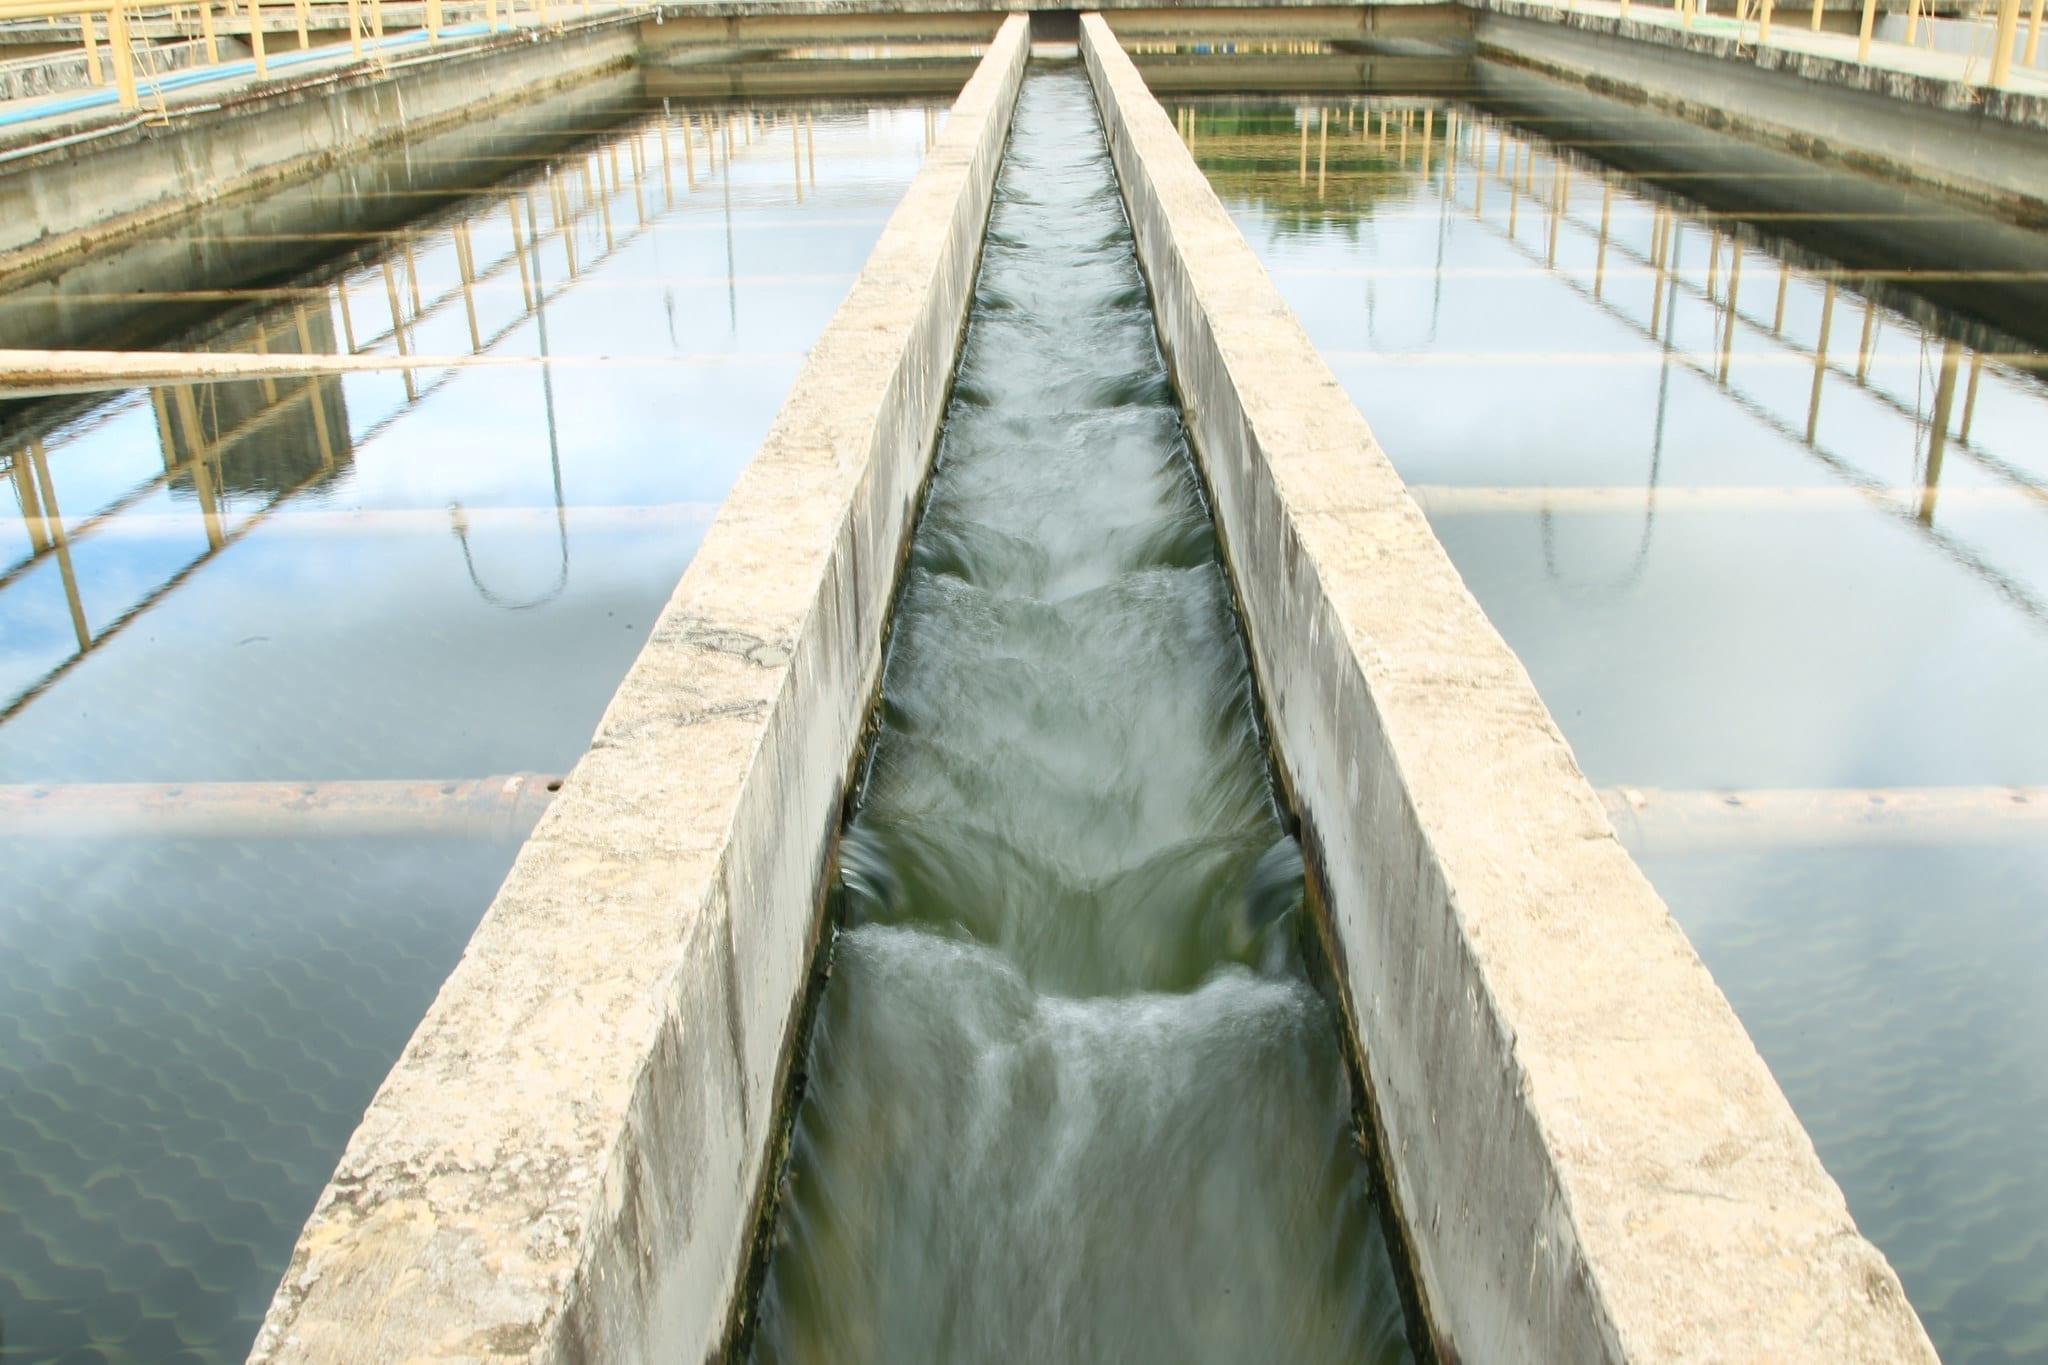 Vista aérea de uma estação de tratamento de água